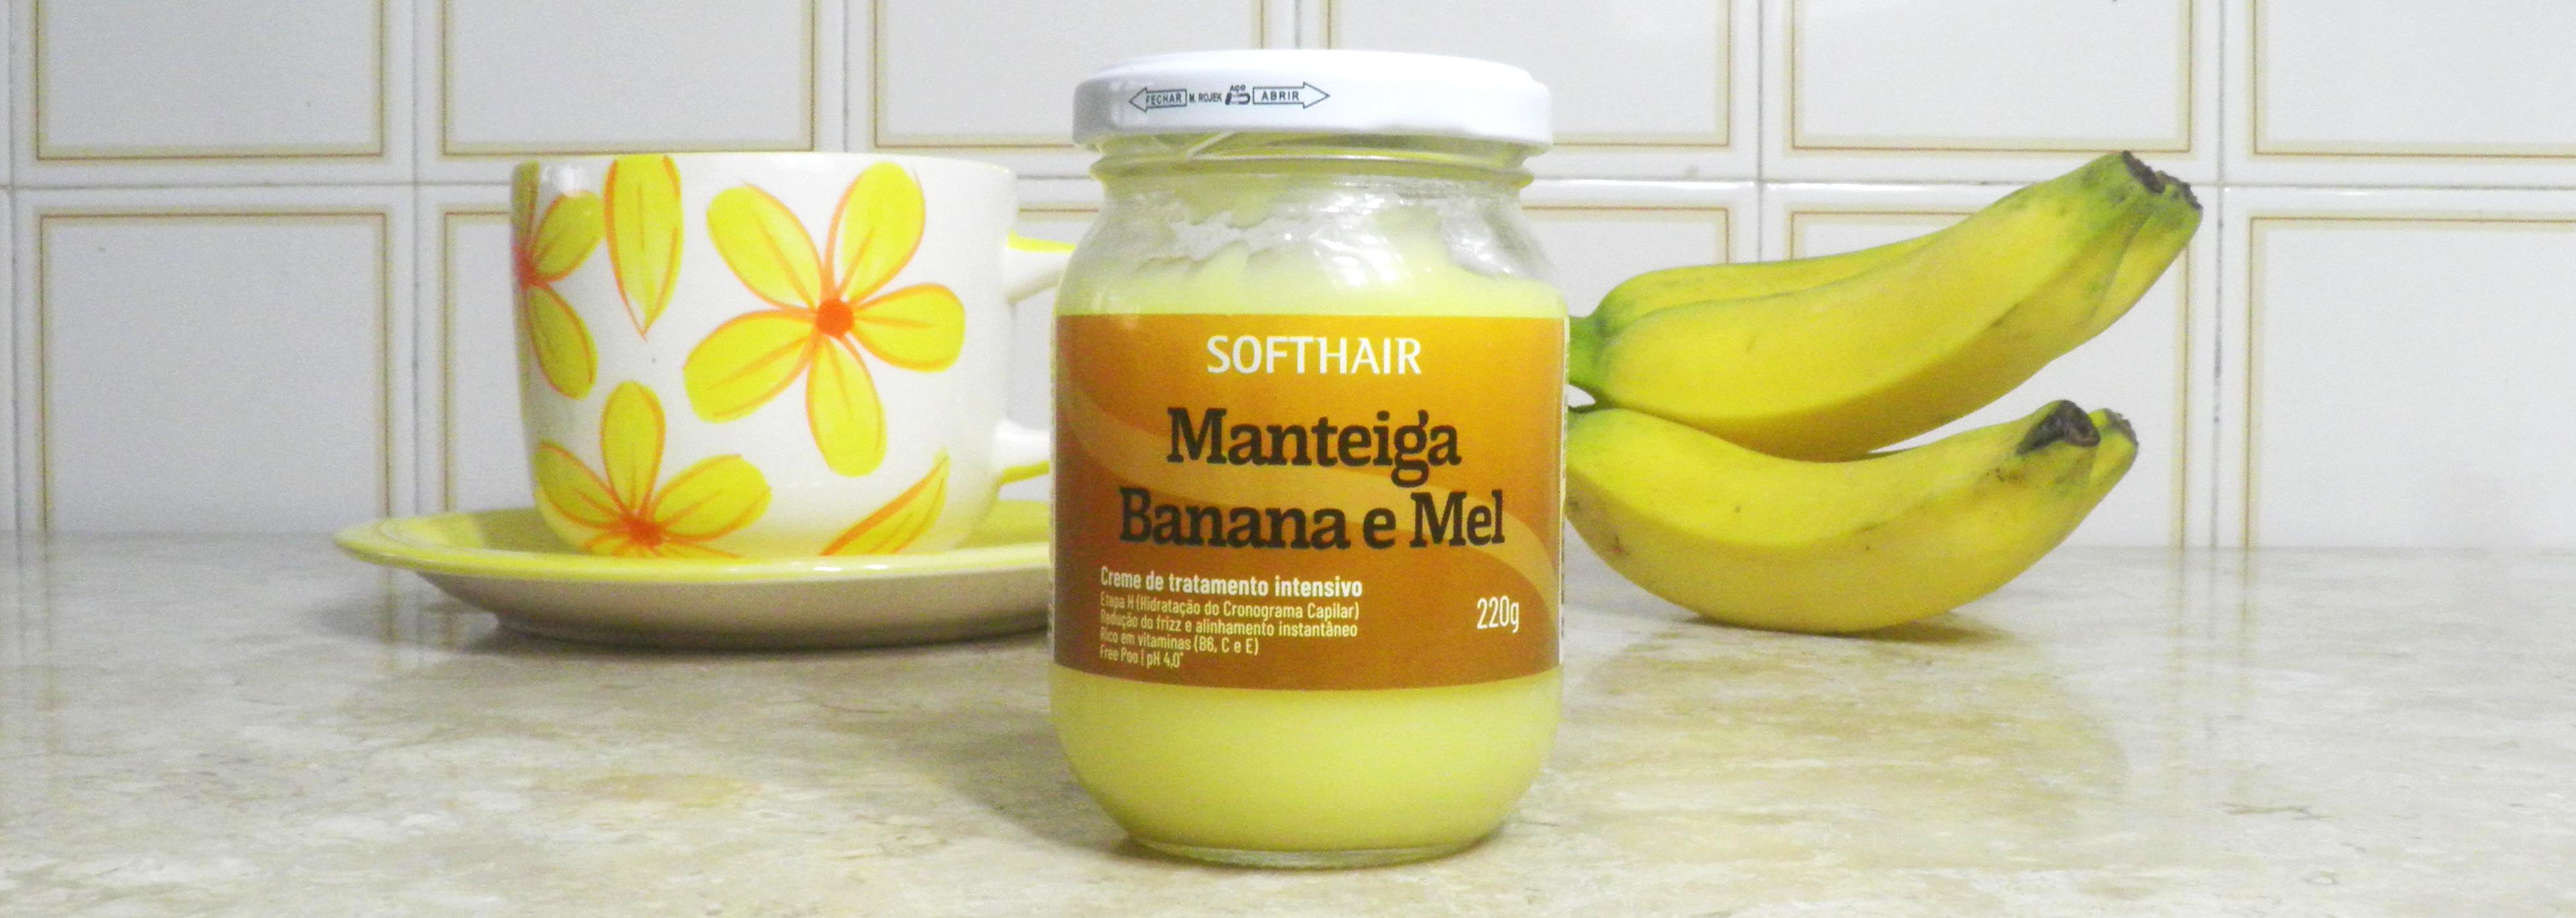 Ingredientes da Composição da Máscara Manteiga Soft Hair Banana e Mel